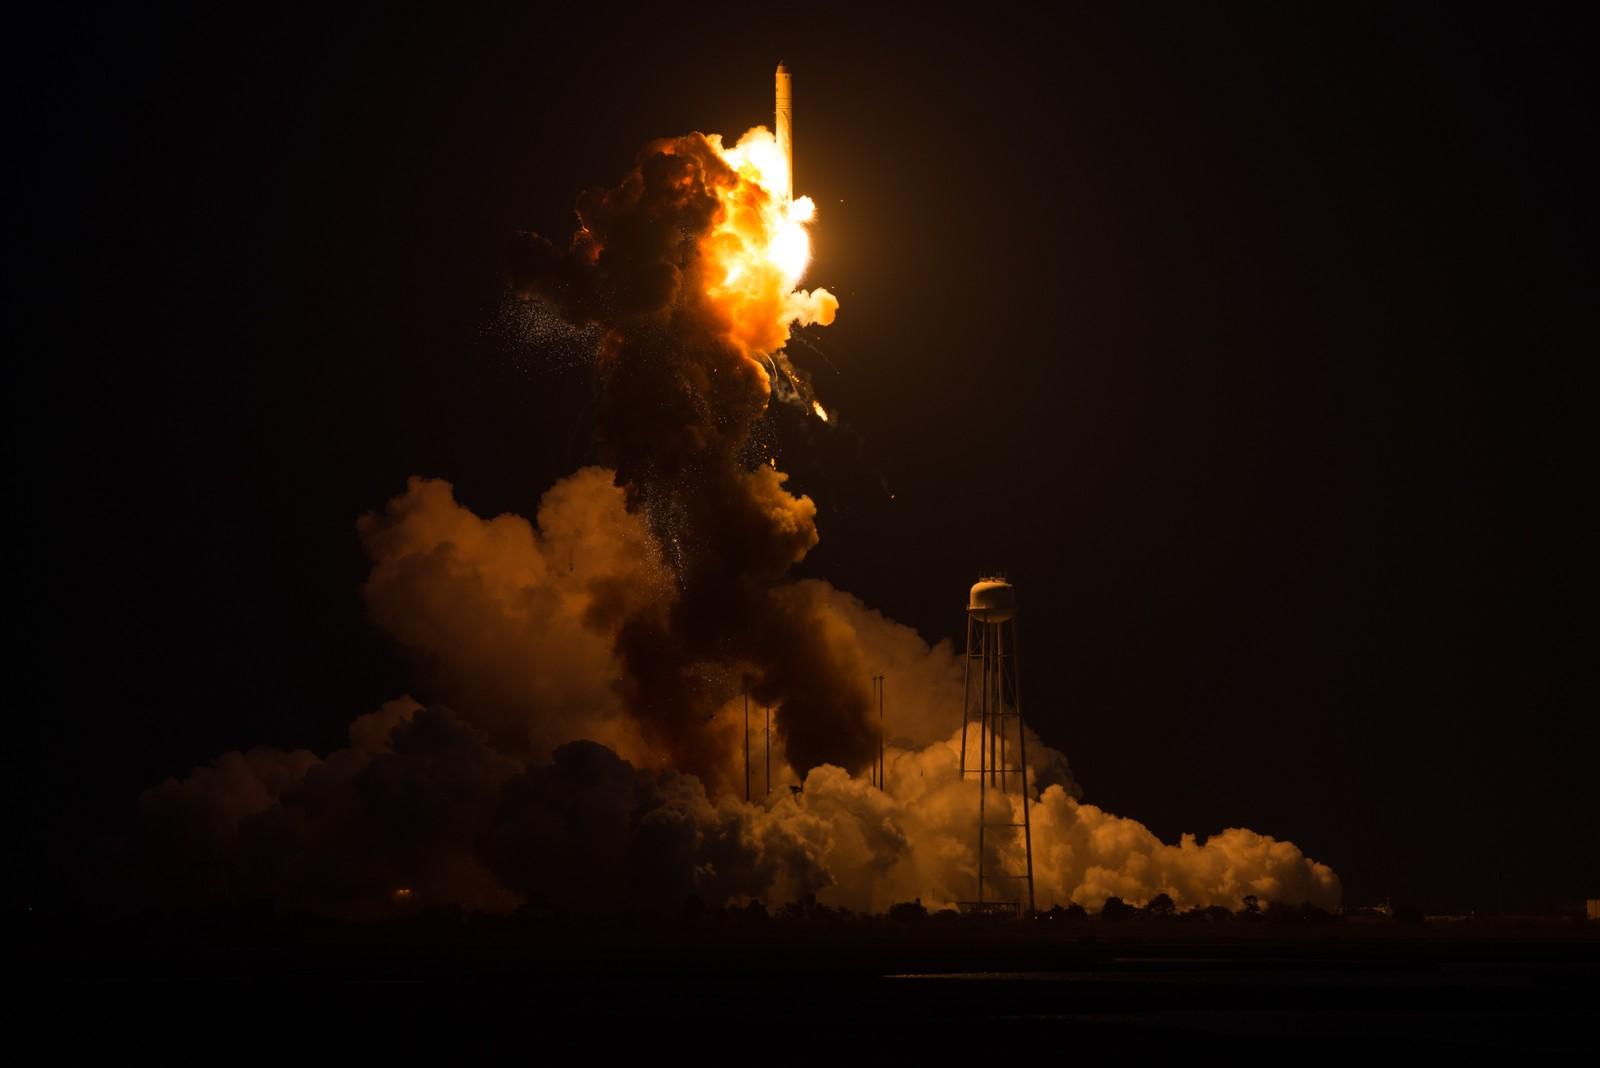 Raketten begynner å falle mot bakken med halen først.